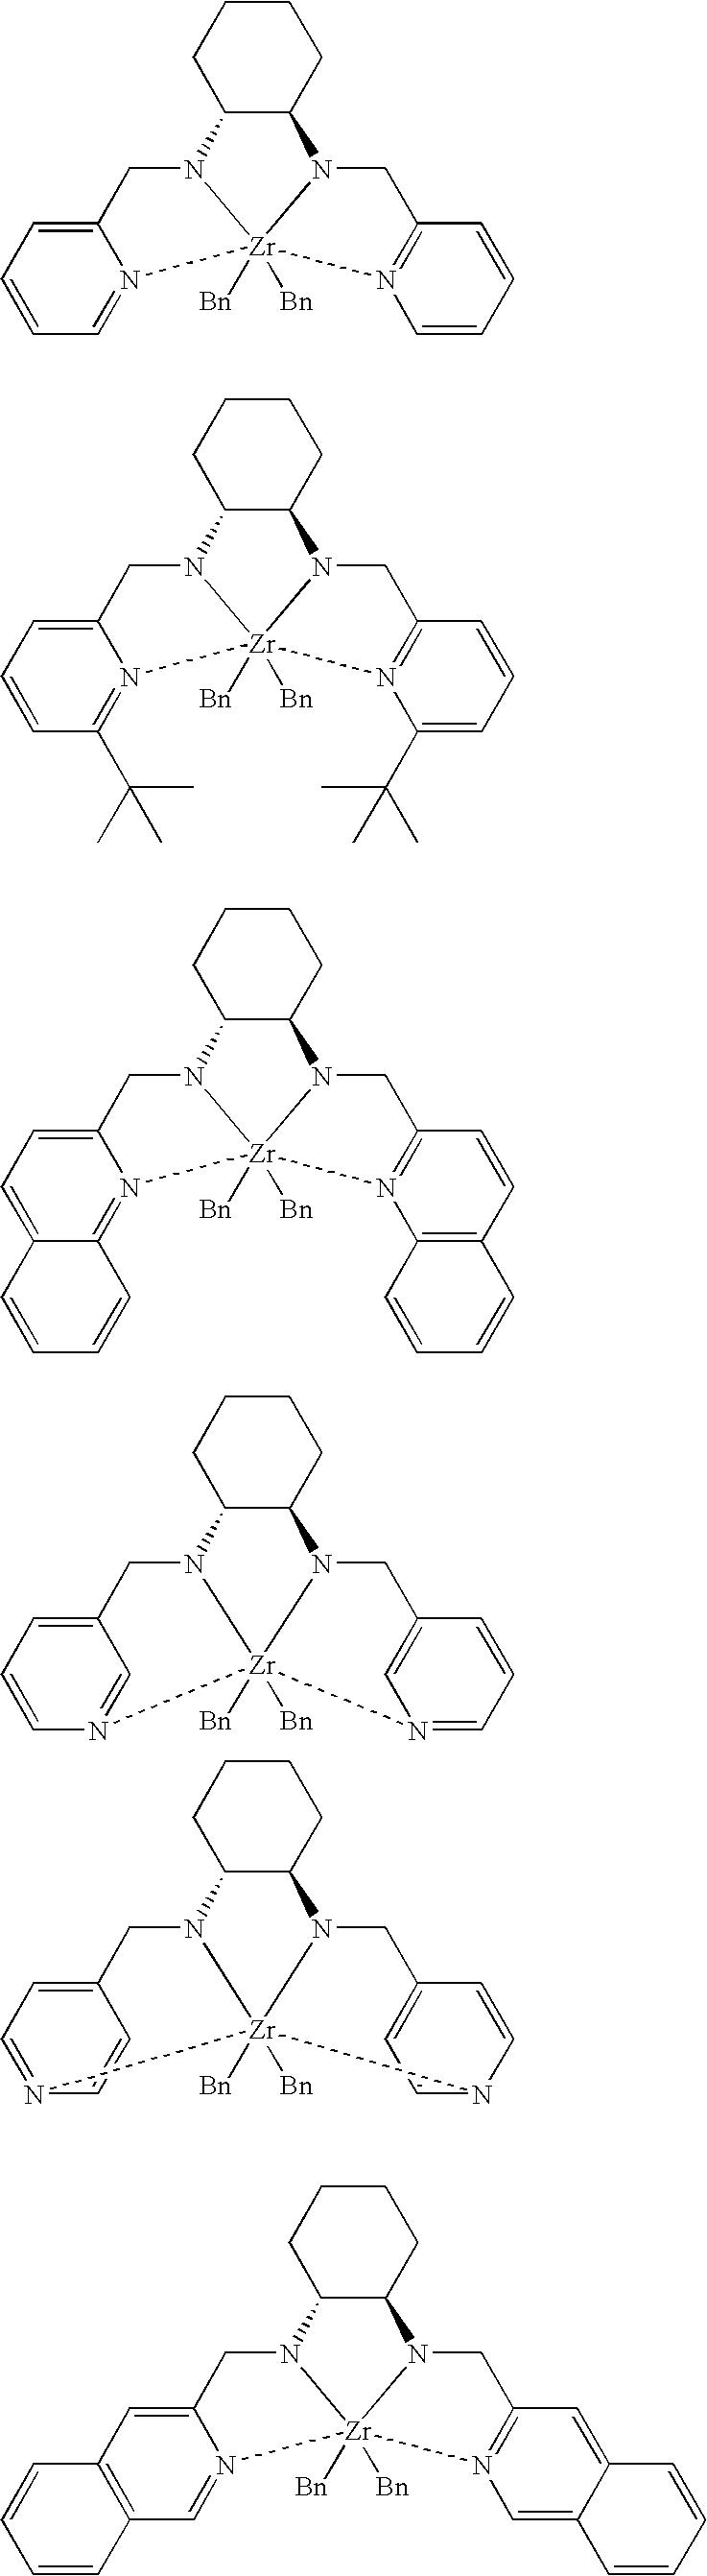 Figure US20060135352A1-20060622-C00014